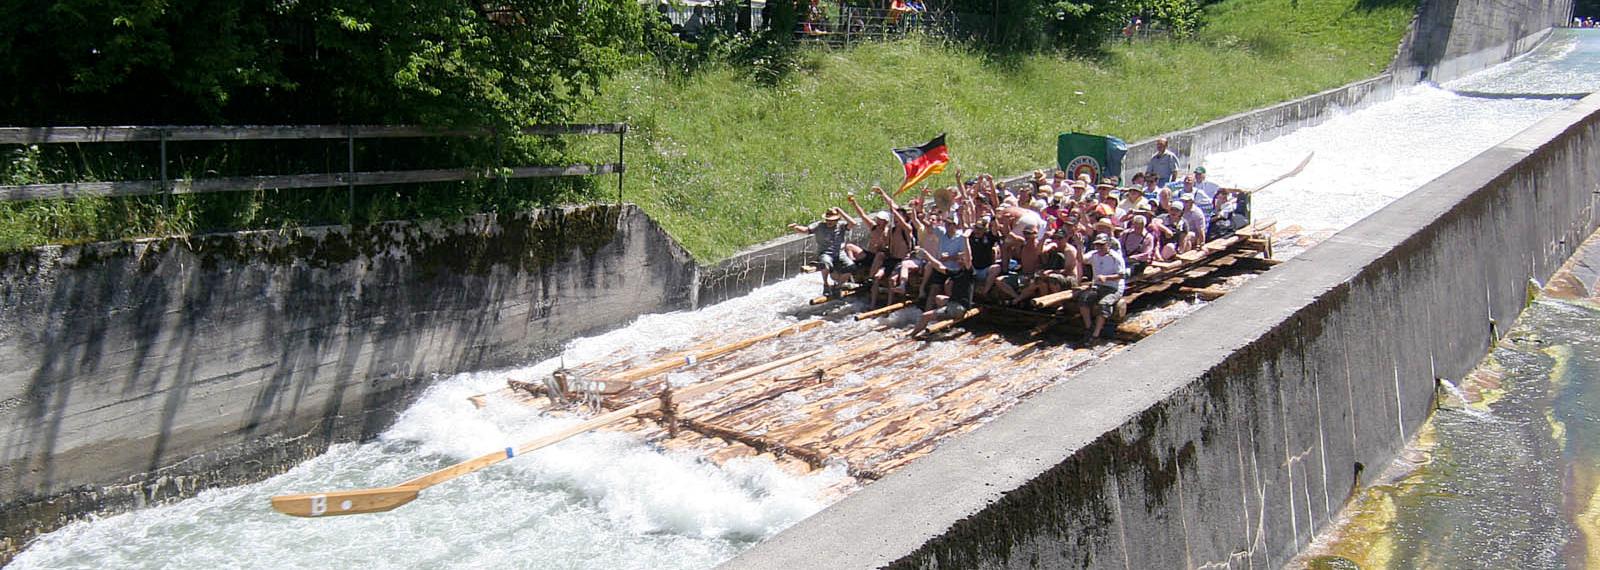 die längste Flossrutsche Europas